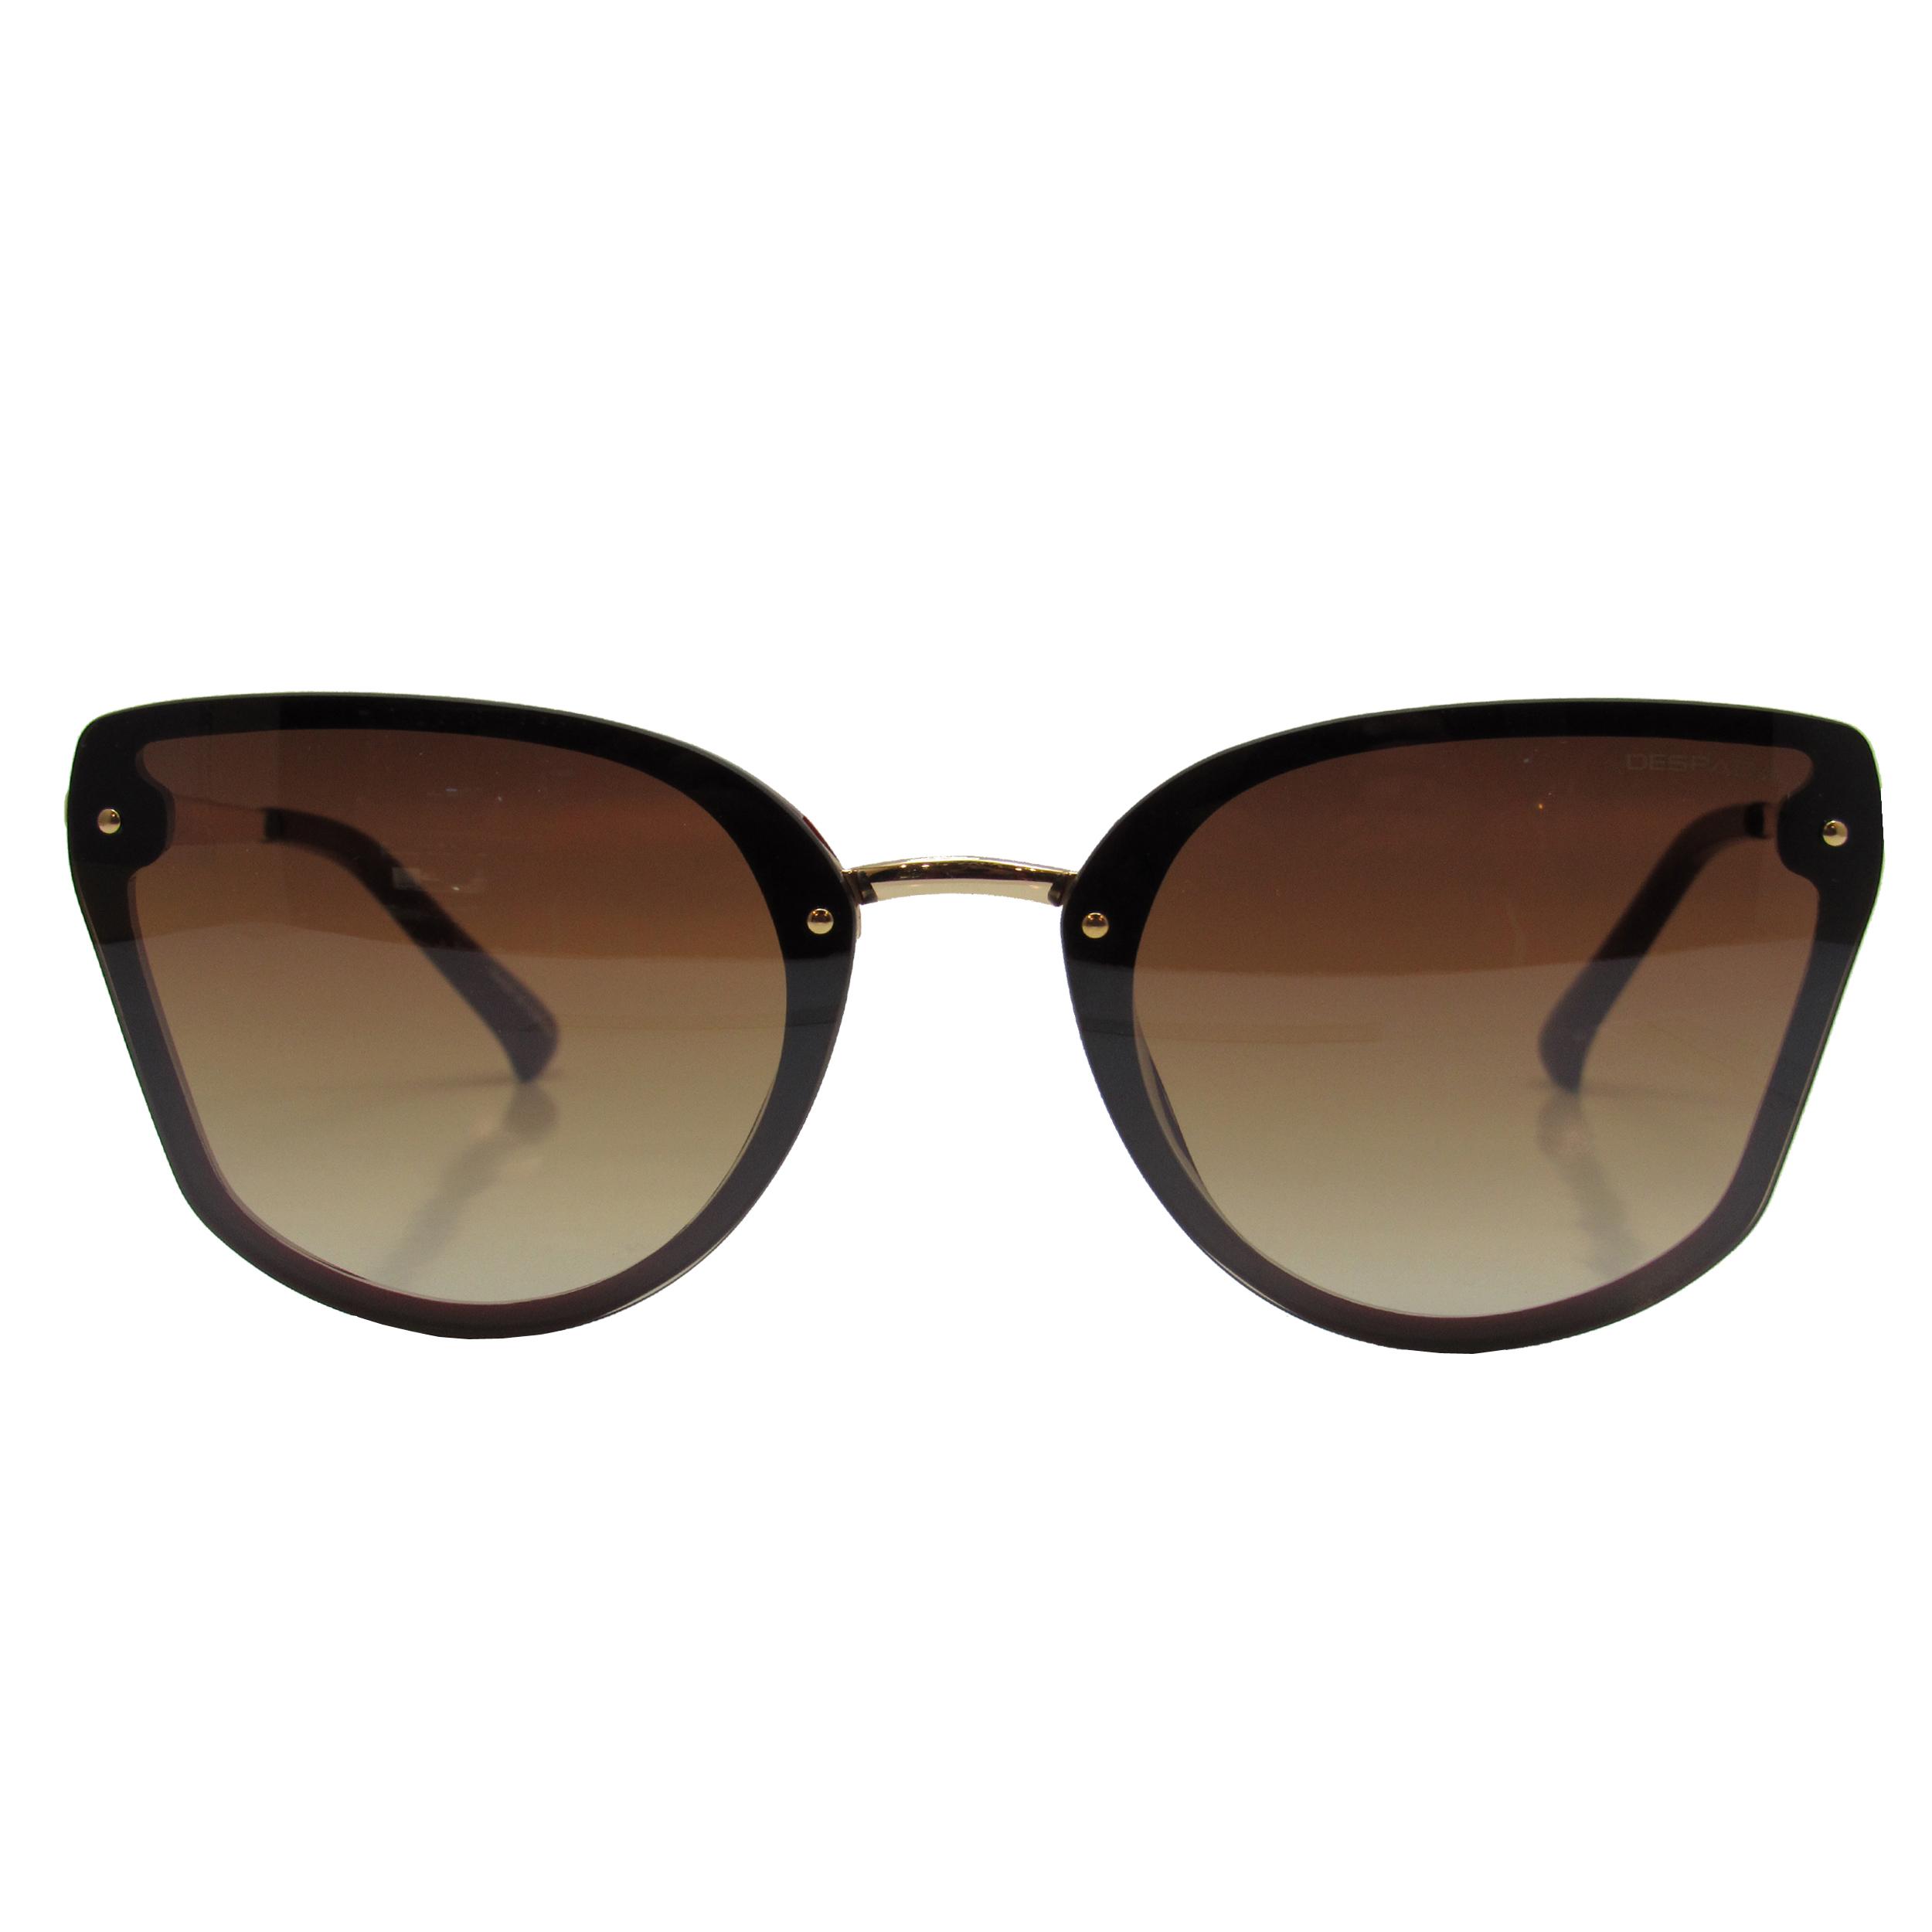 عینک آفتابی زنانه دسپادا مدل DS1774 - C4